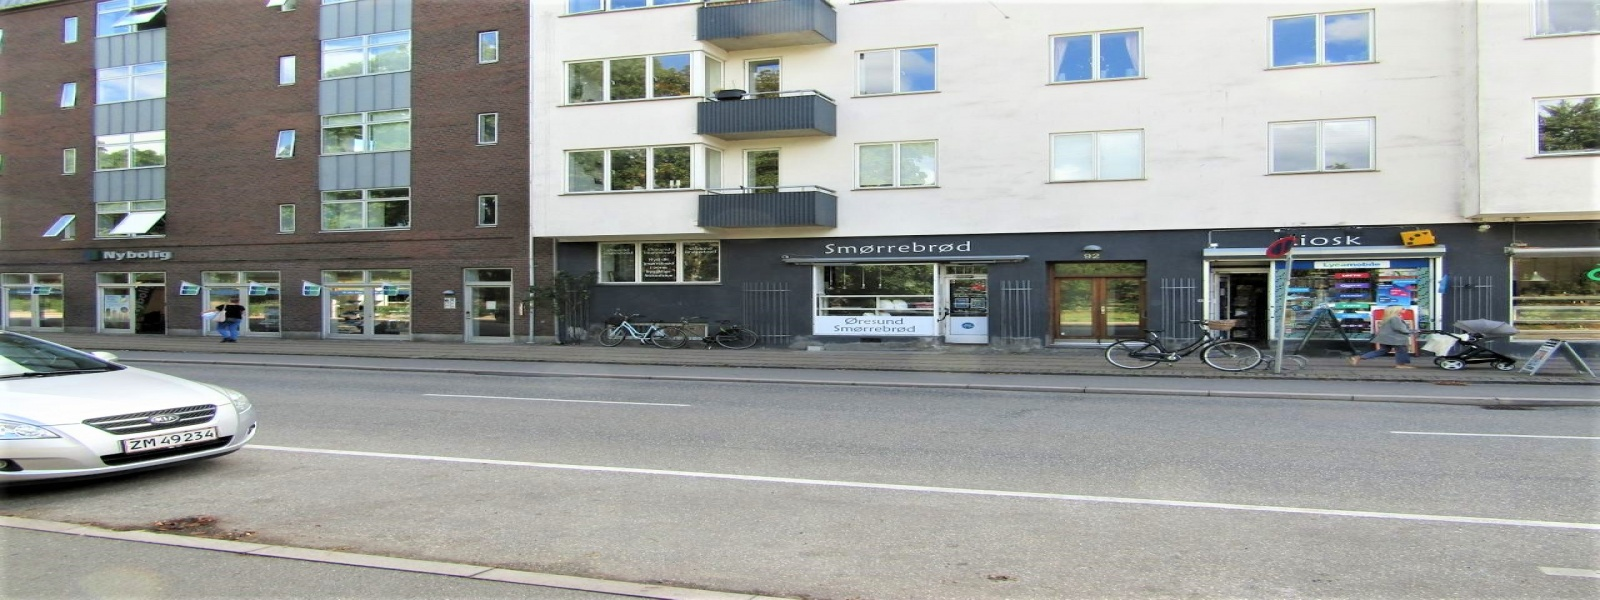 Restauration, pub og cafe,Solgt,1310